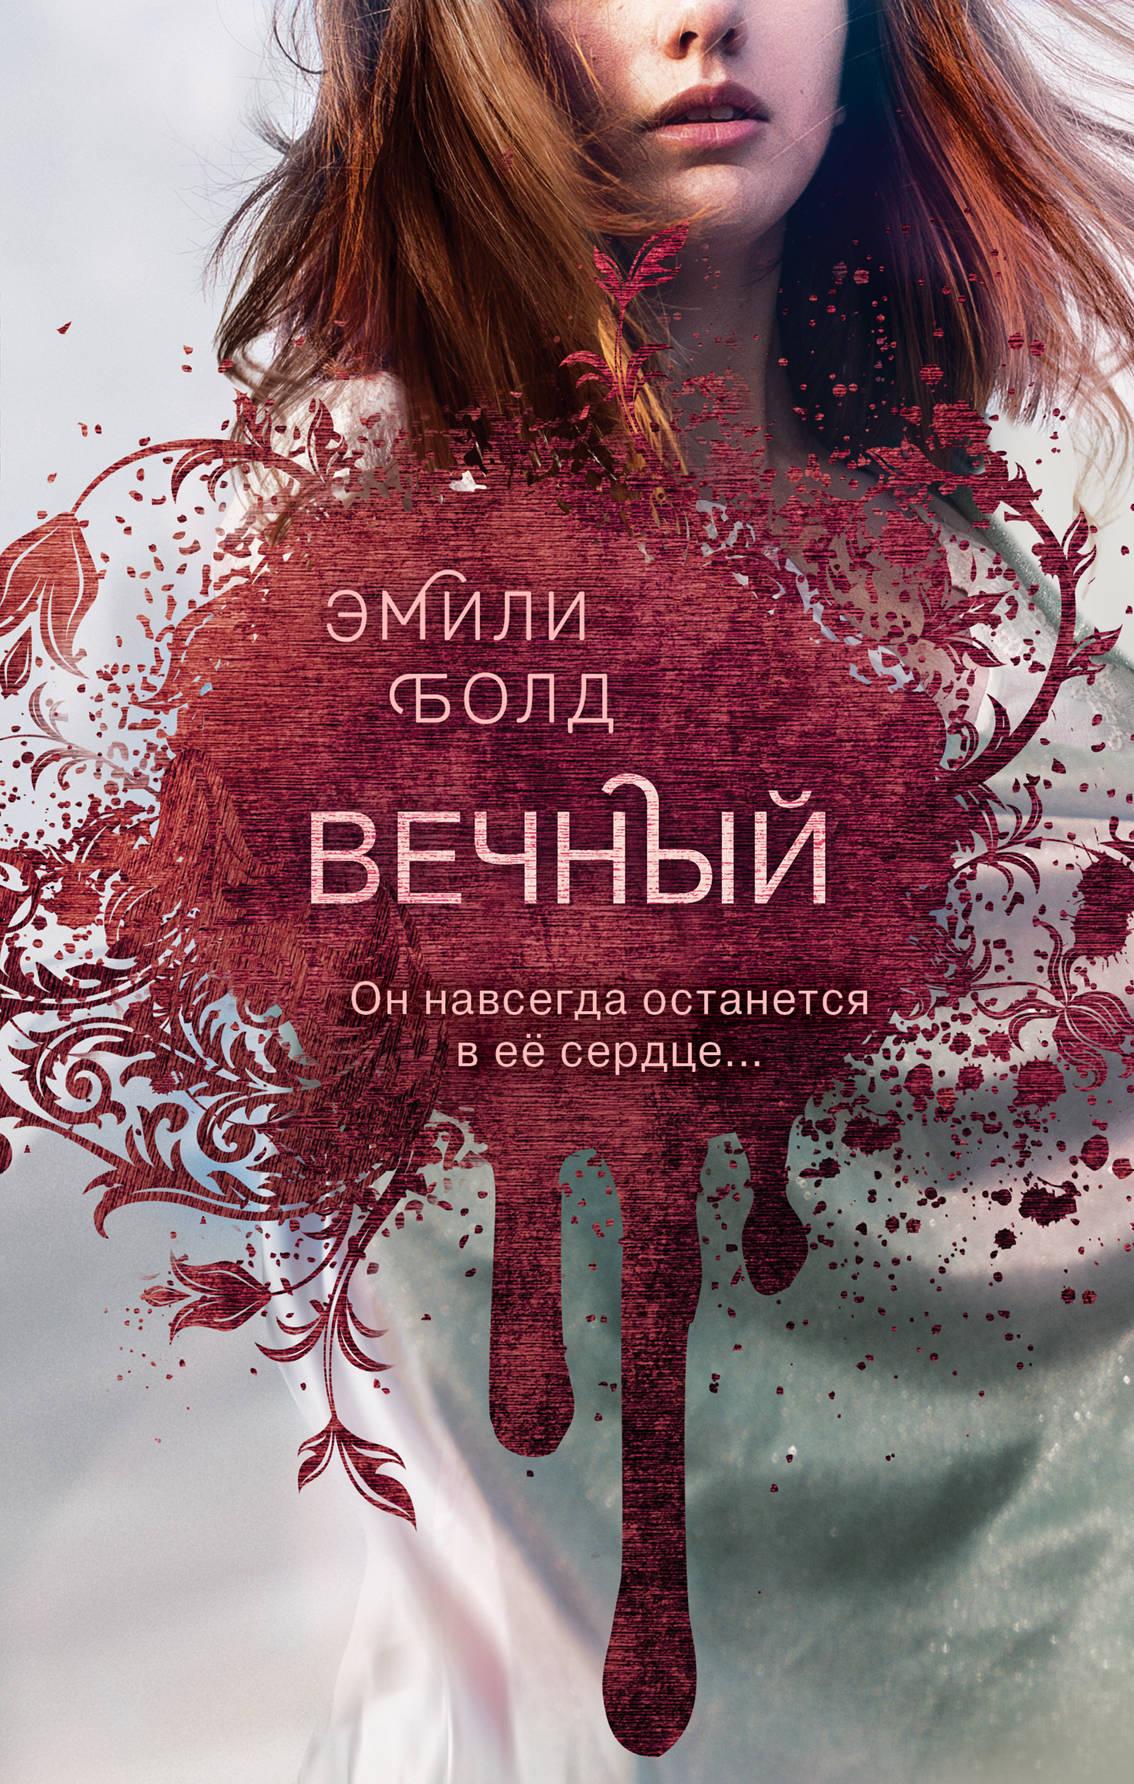 Vechnyj (#3)